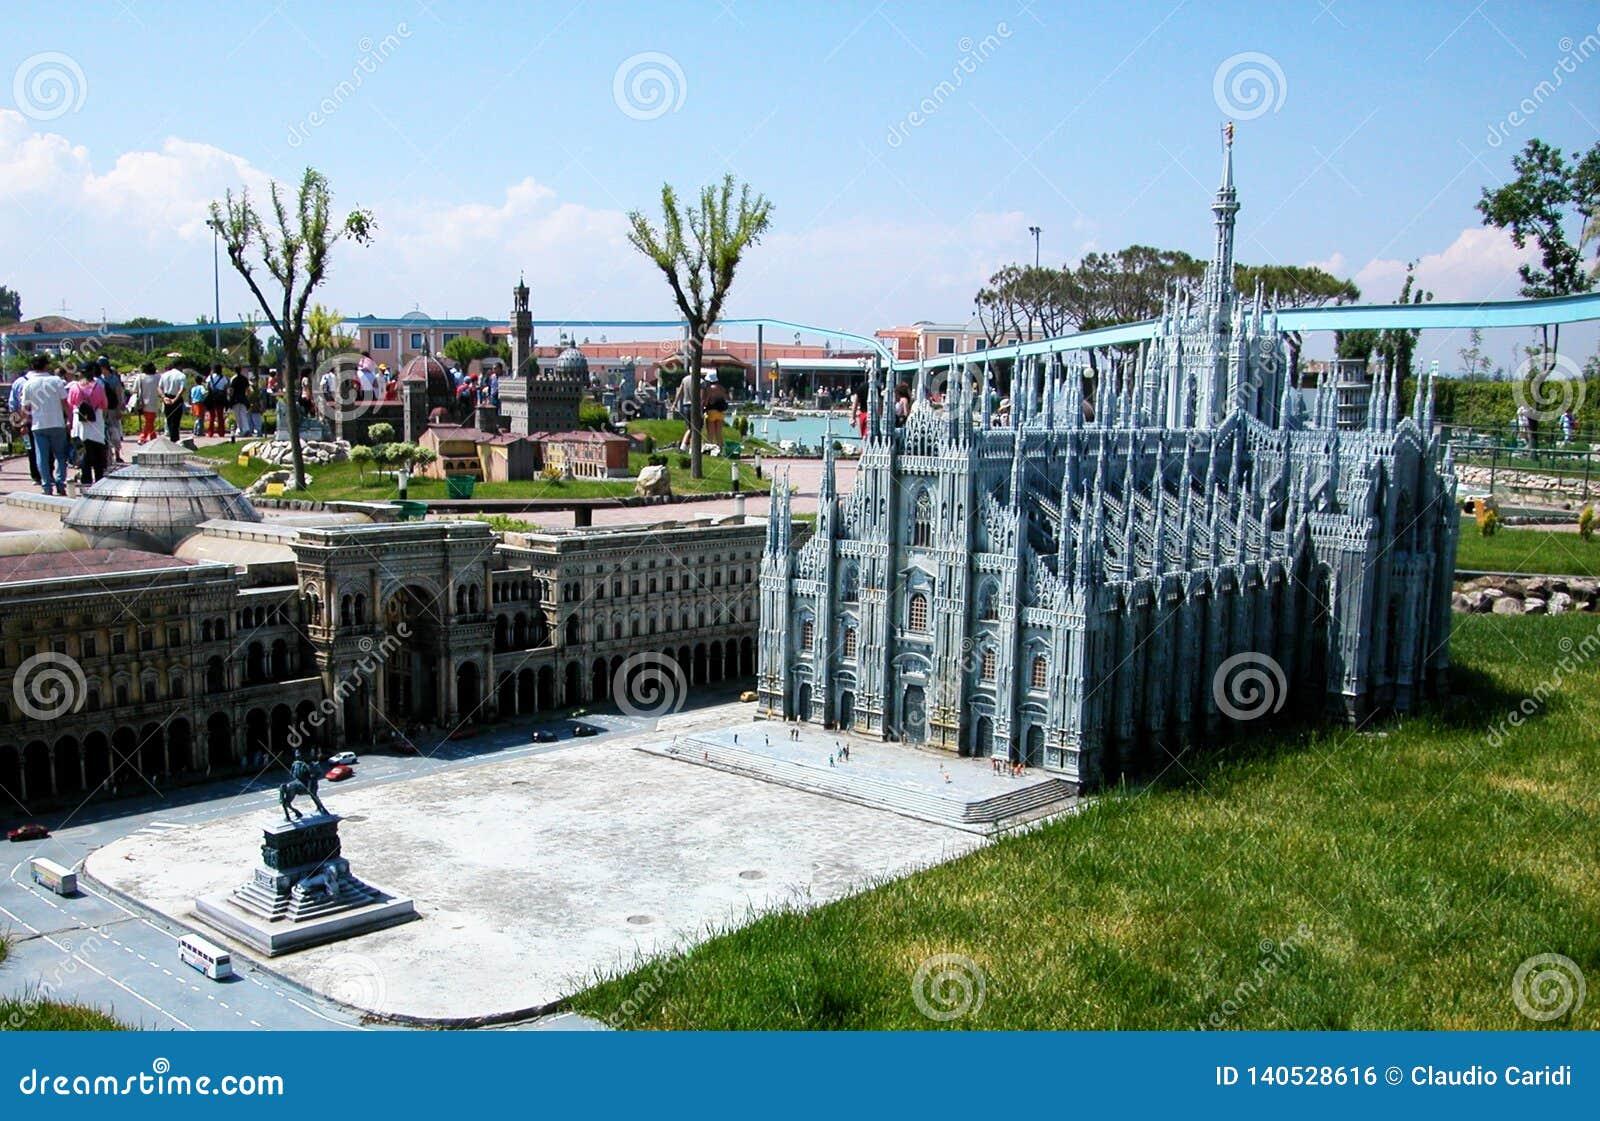 """Duomo di Milano nel parco a tema """"Italia in miniatura """"Italia in miniatura Viserba, Rimini, Italia"""